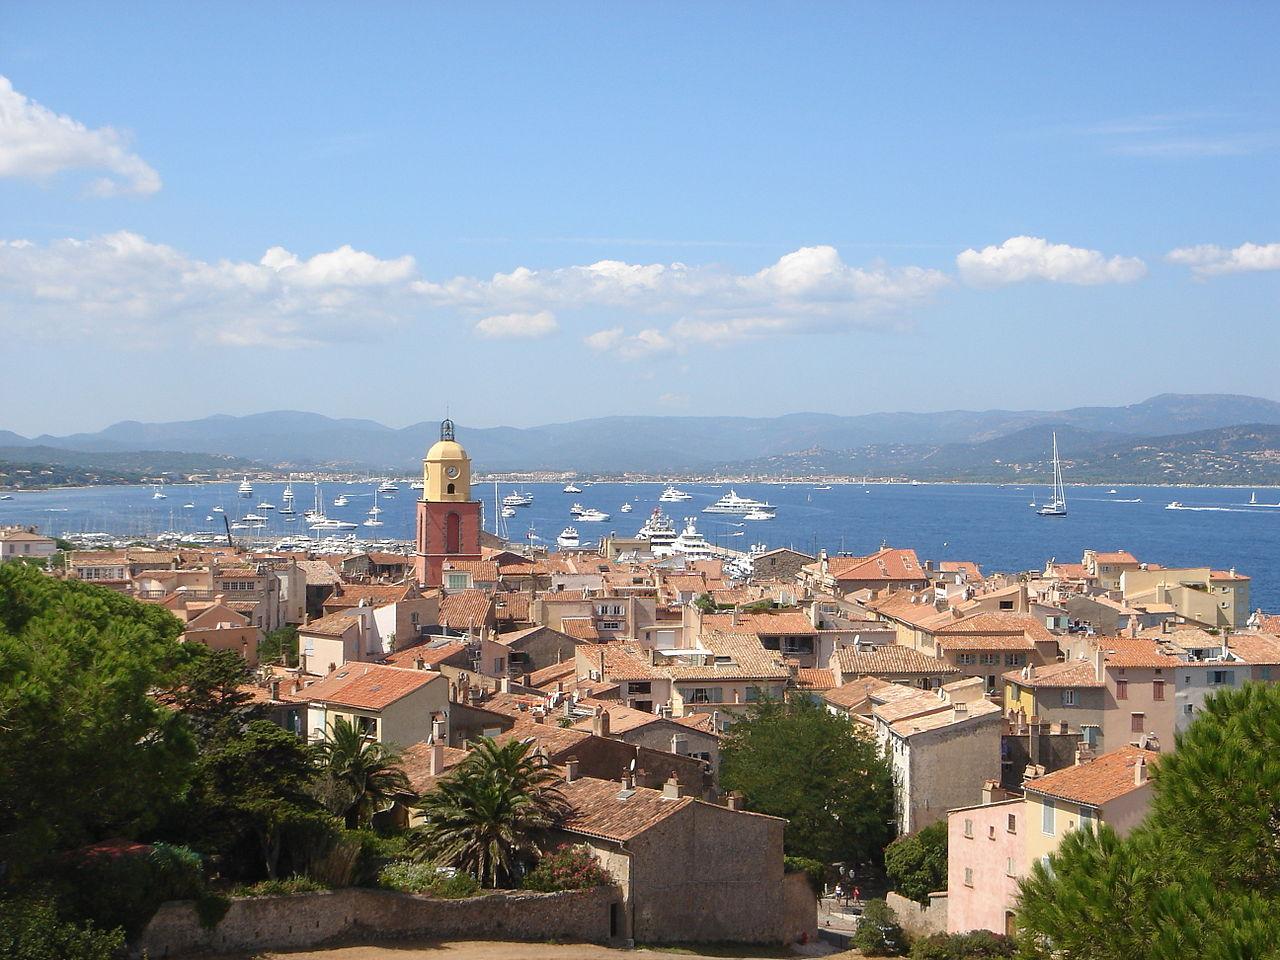 Noleggio Barche St. Tropez - Navalia | Noleggia un Sogno